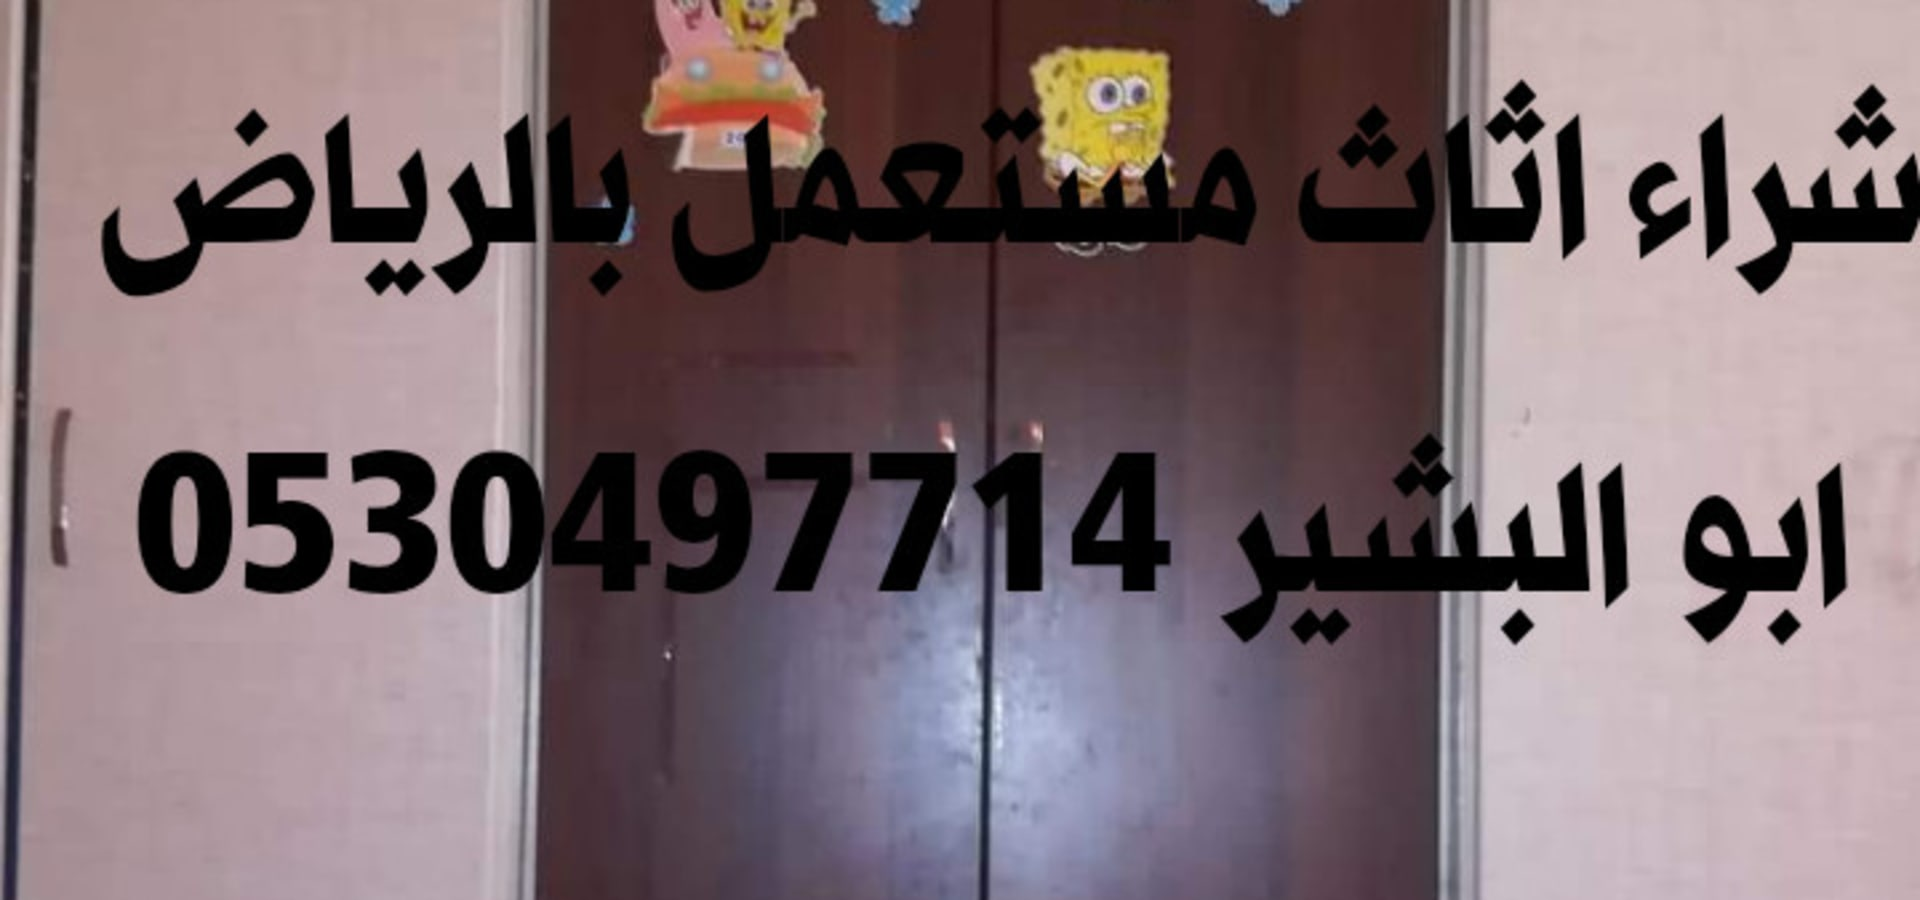 شراء أثاث مستعمل بالرياض 053497714